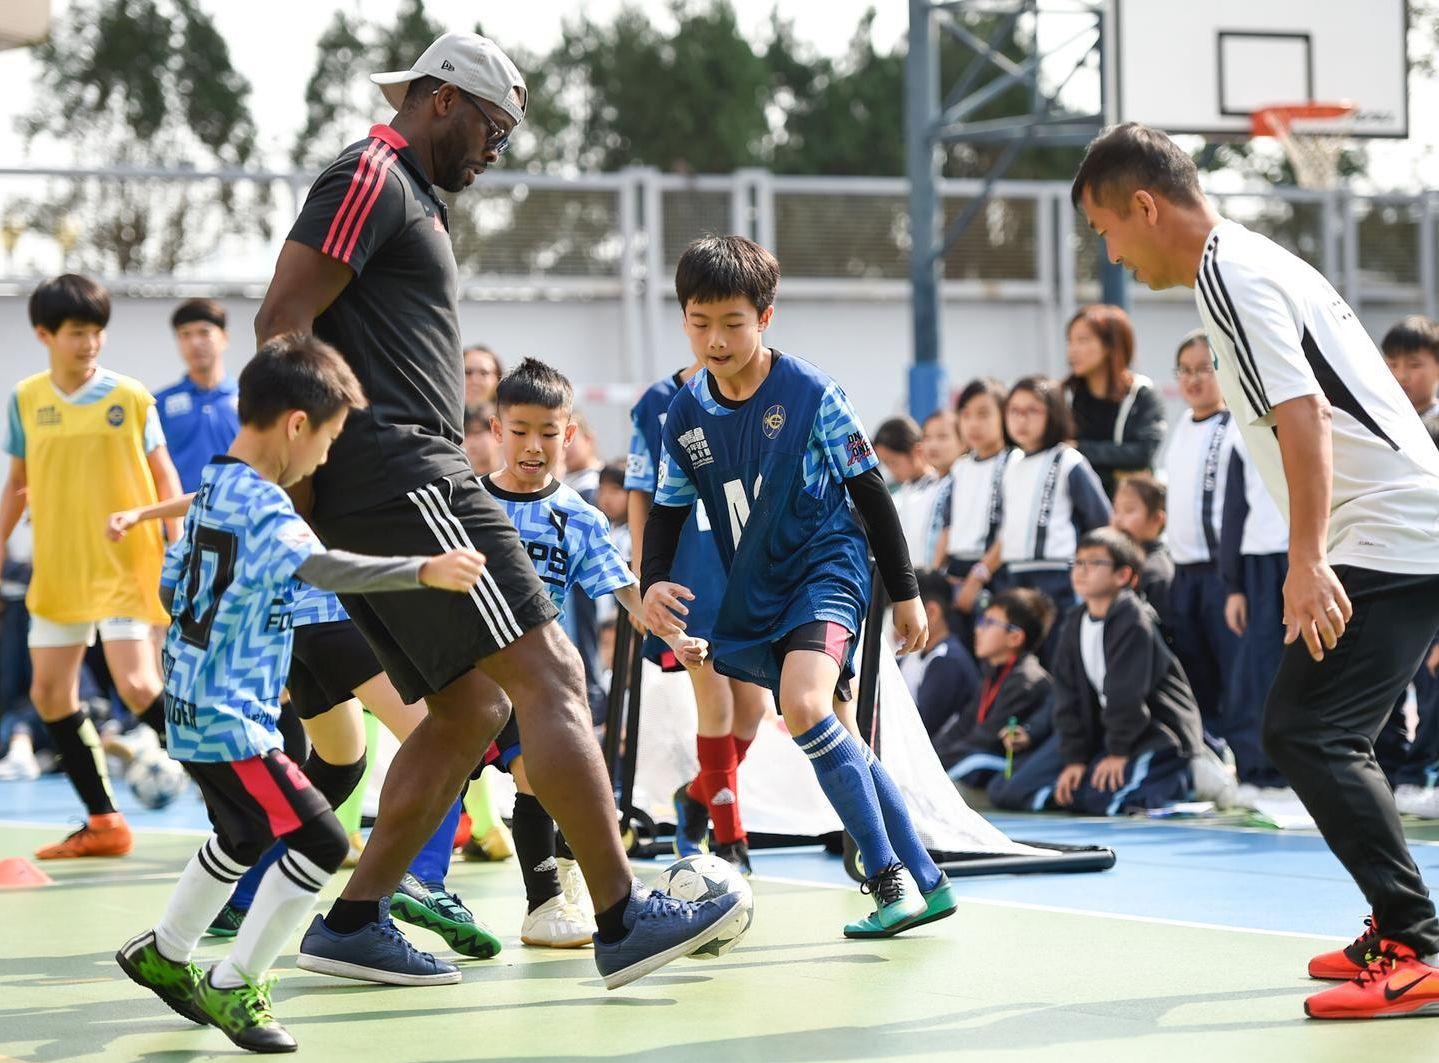 沙夏与李伟文及约百名师生,齐踢小型足球比赛。马会图片